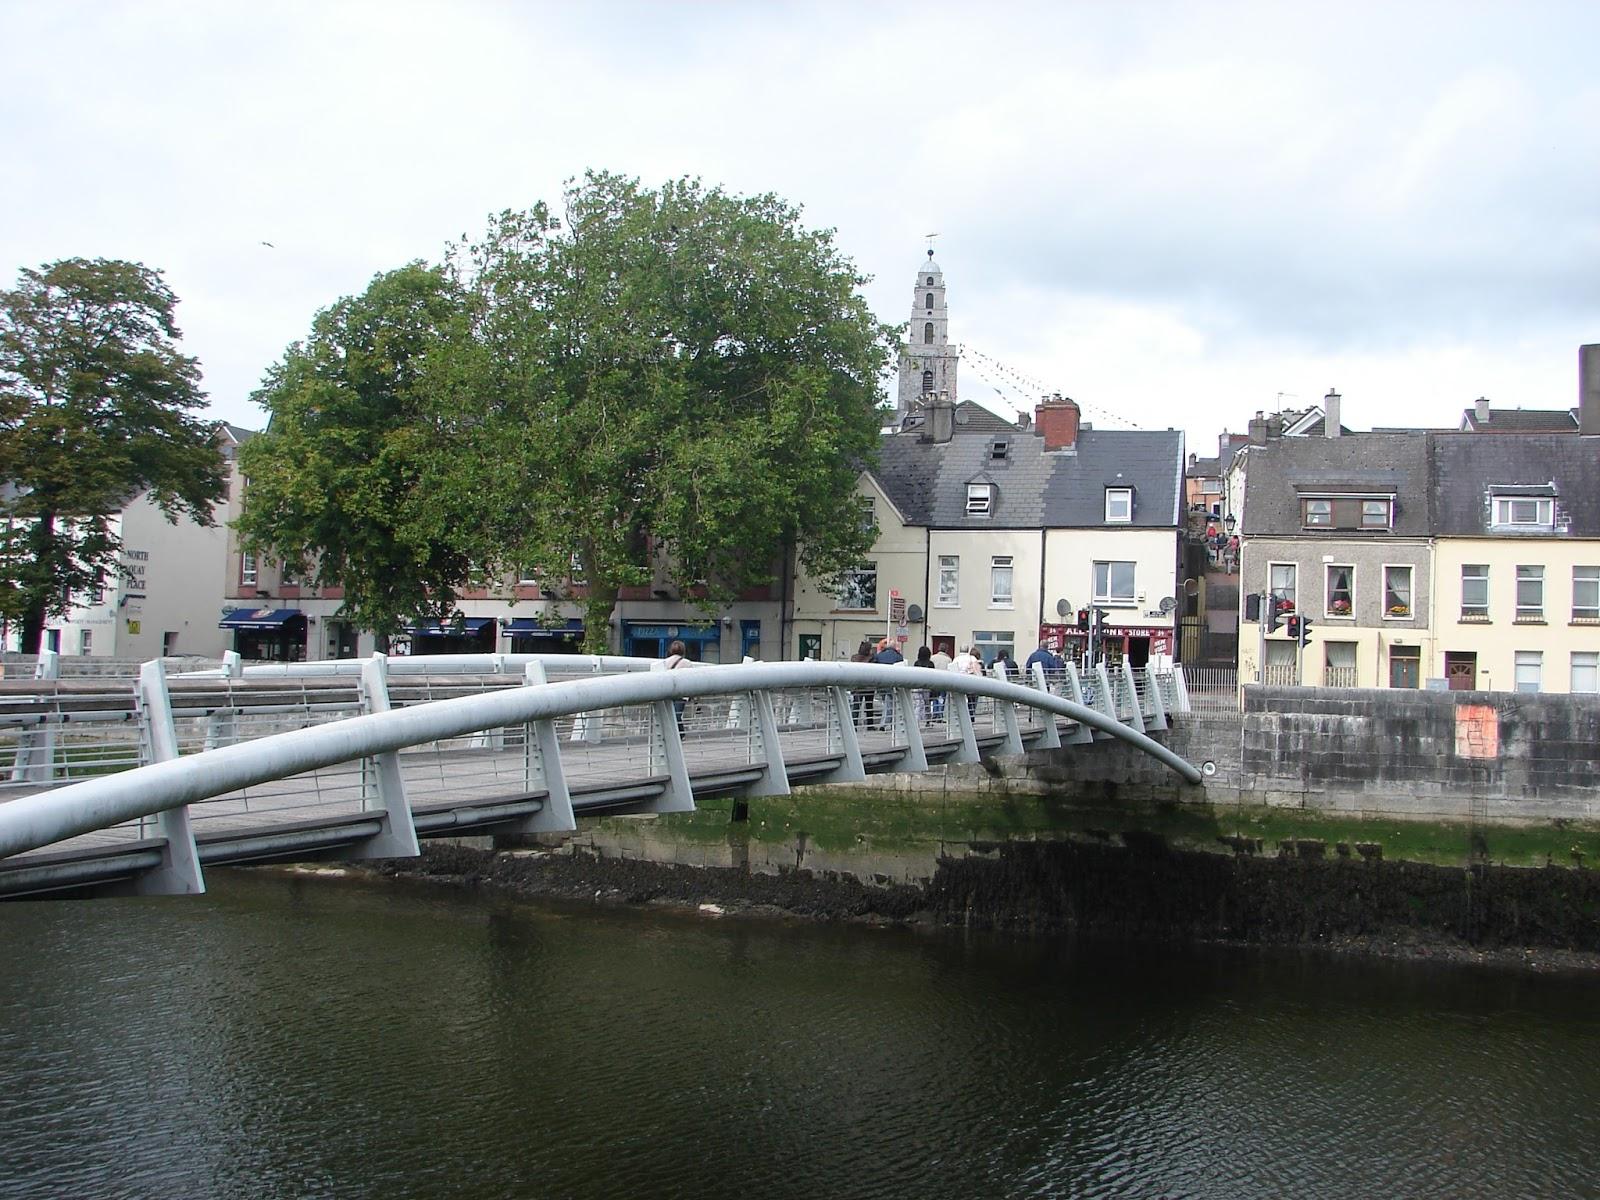 Cork (23-8-13) SEMESCOM